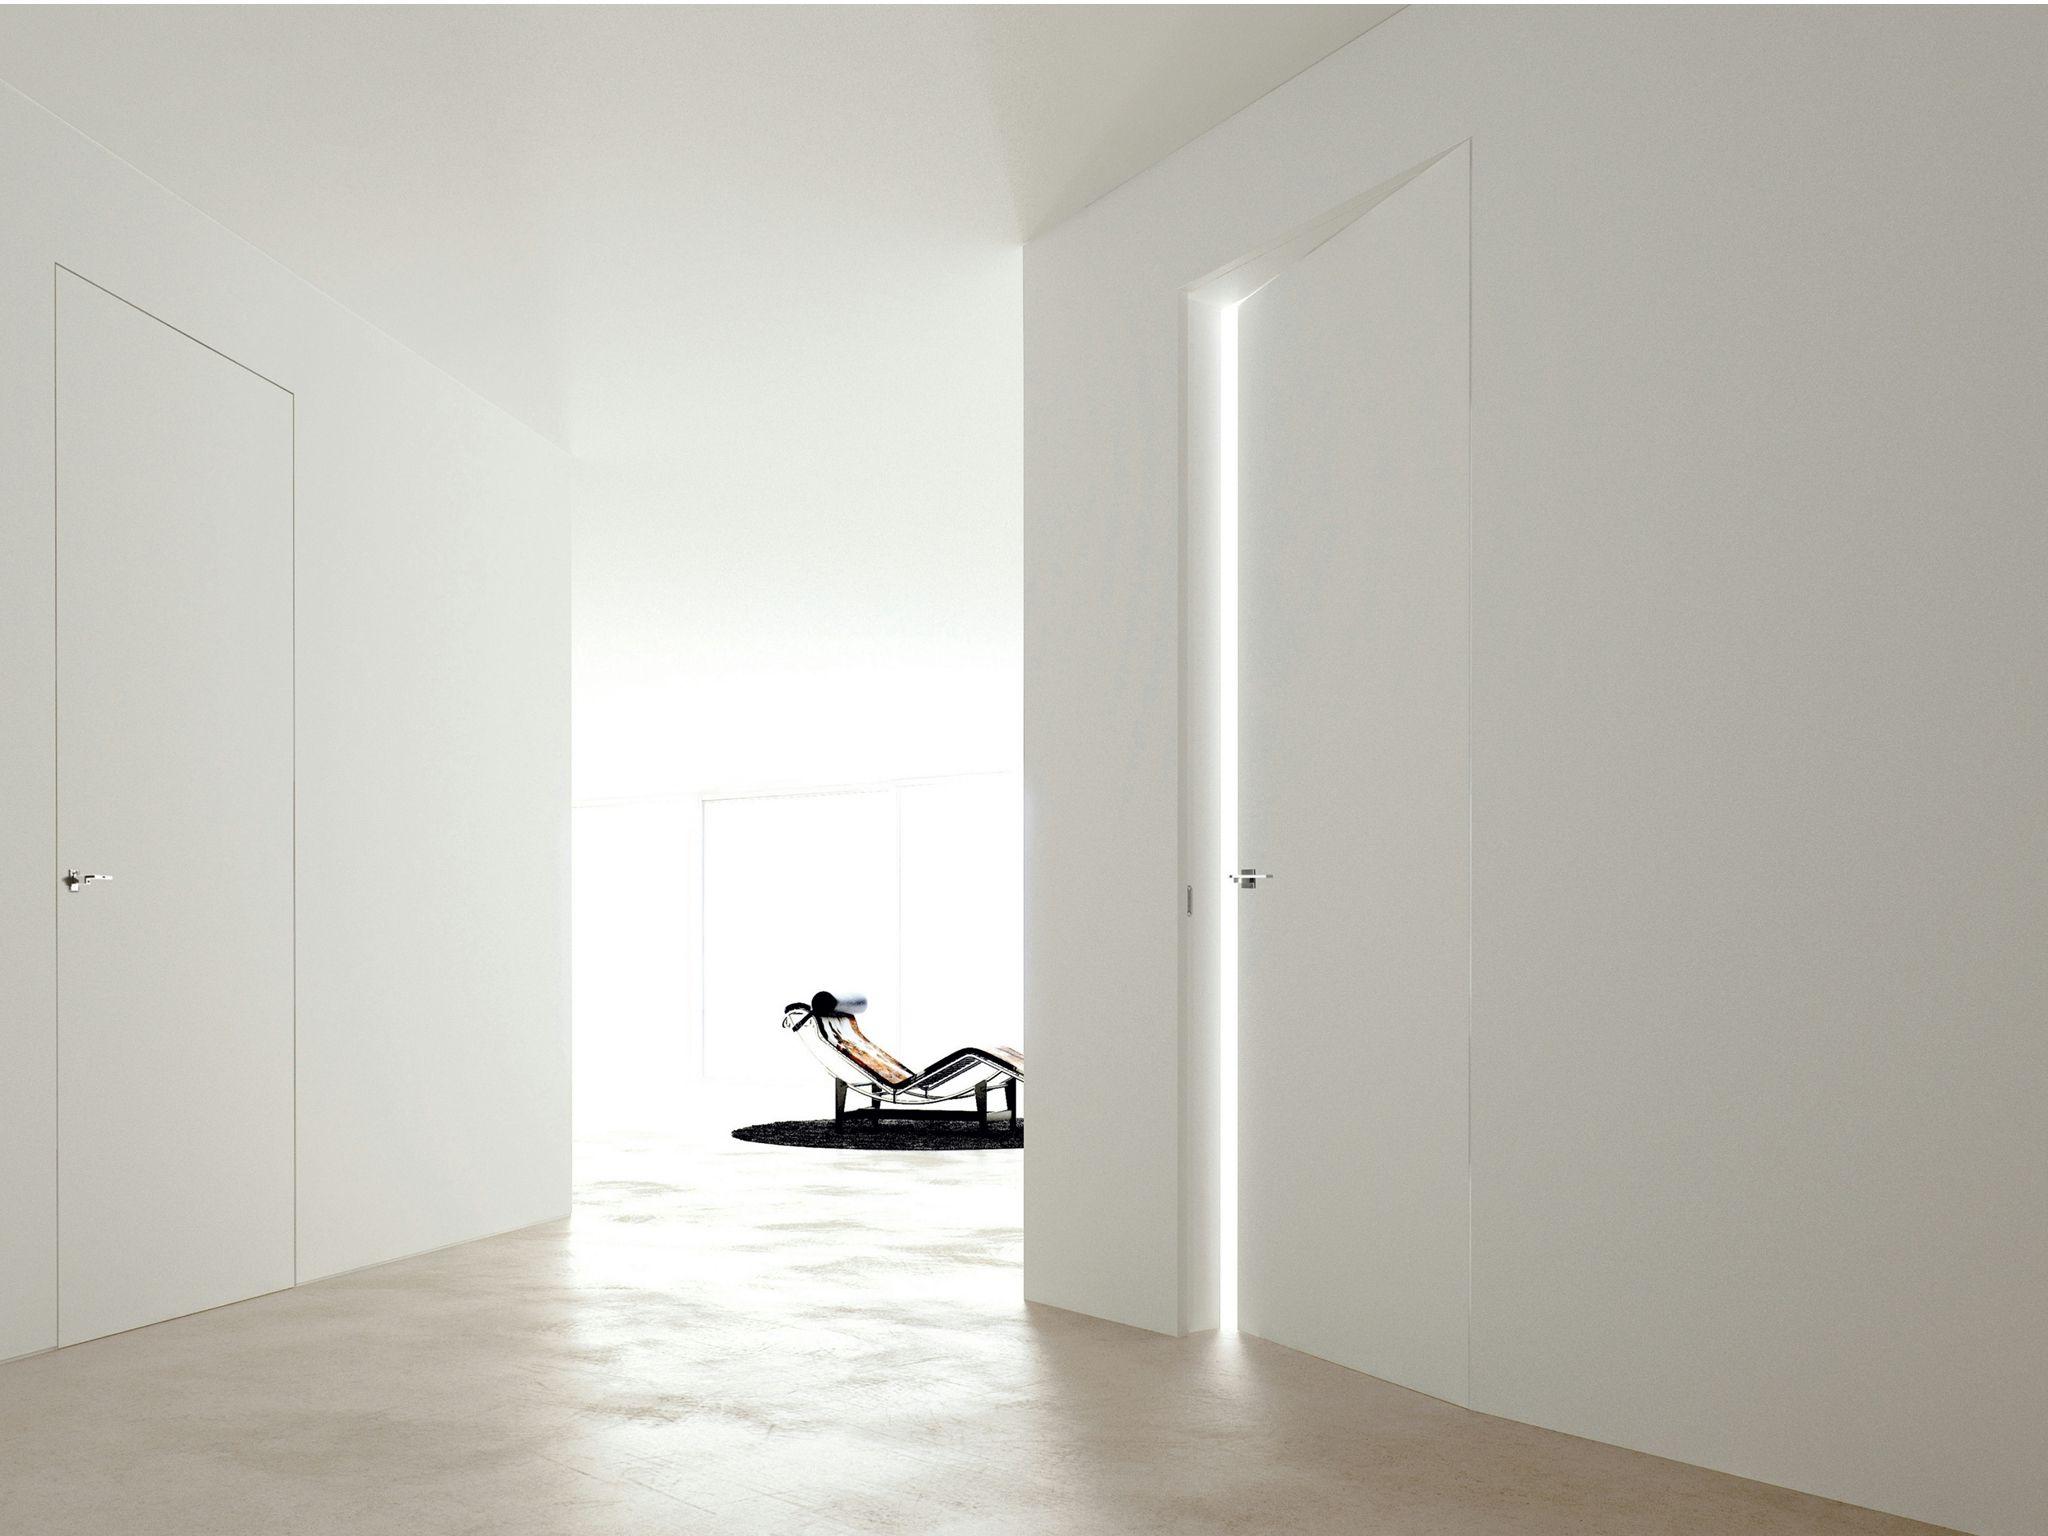 Porta a filo muro linear zero by ghizzi benatti - Porta a filo muro prezzi ...